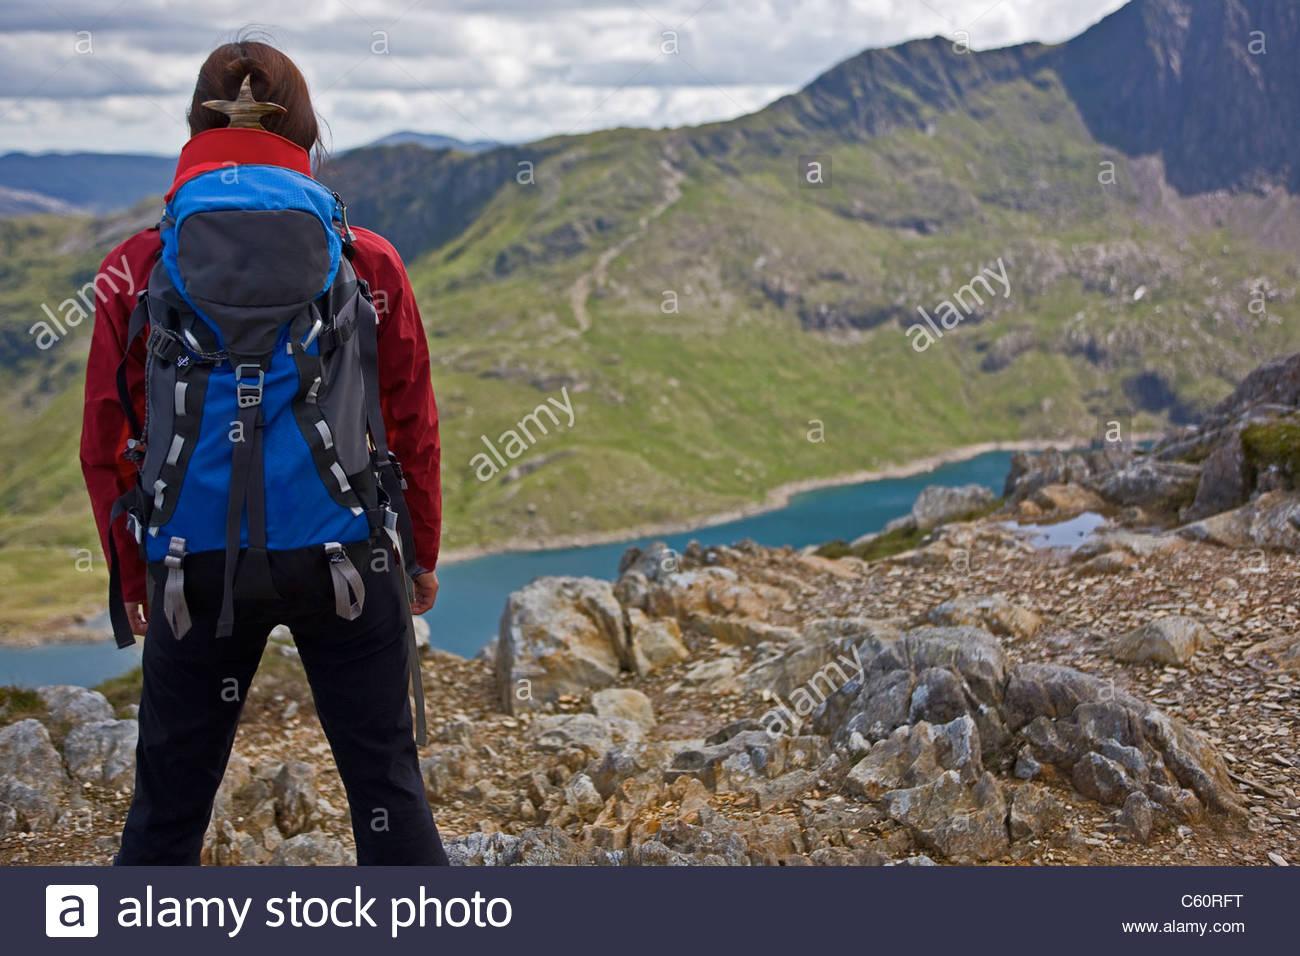 Hiker overlooking landscape Stock Photo